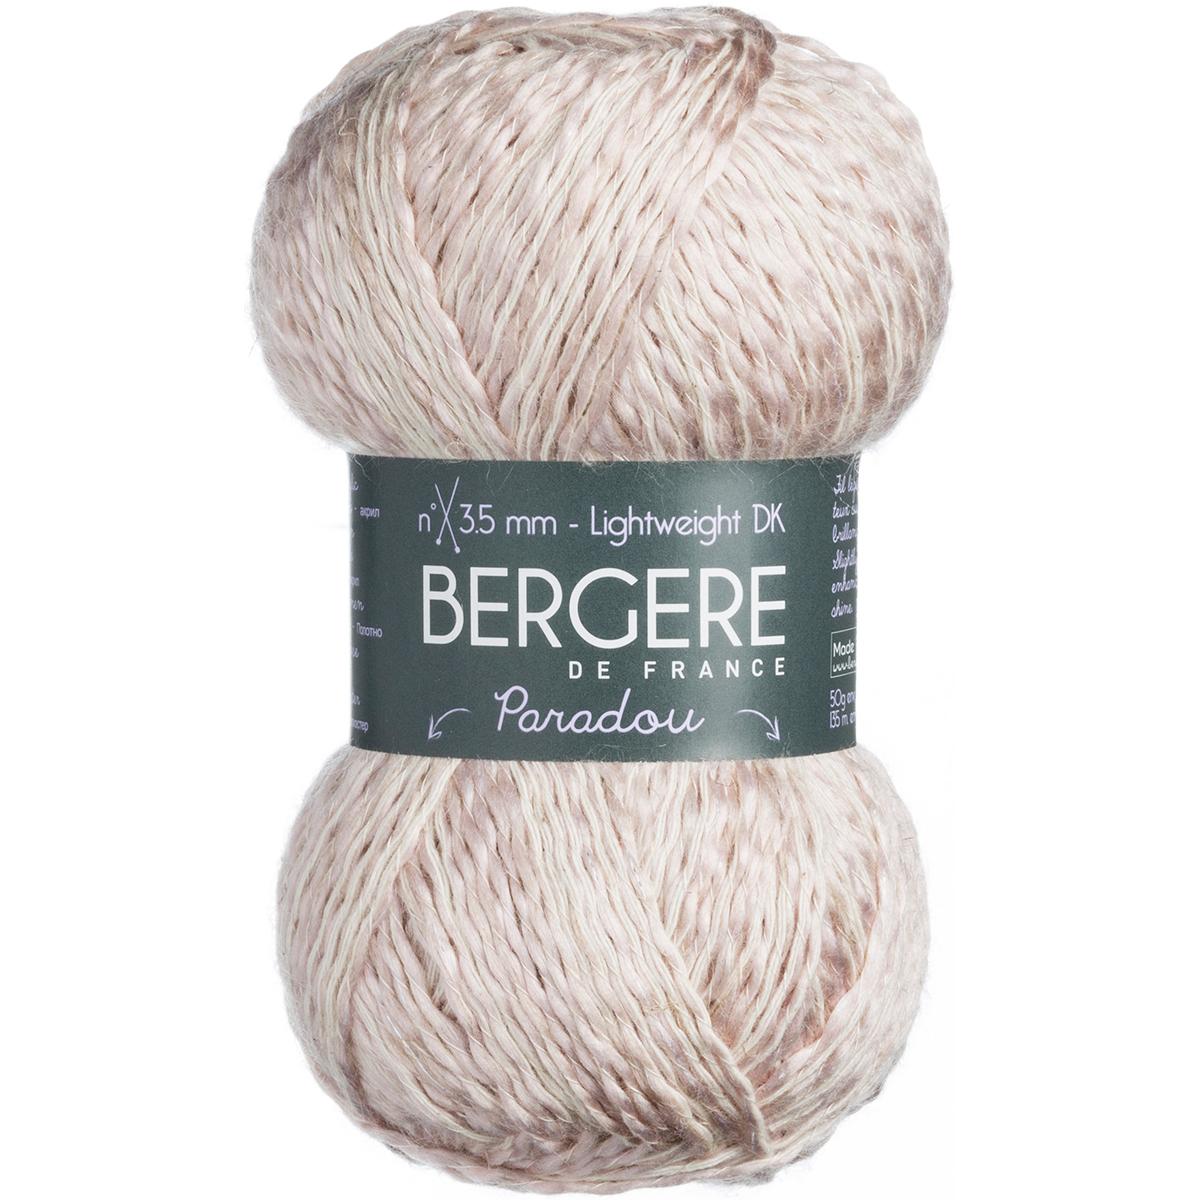 Bergere De France Paradou Yarn-Floral - image 1 de 1